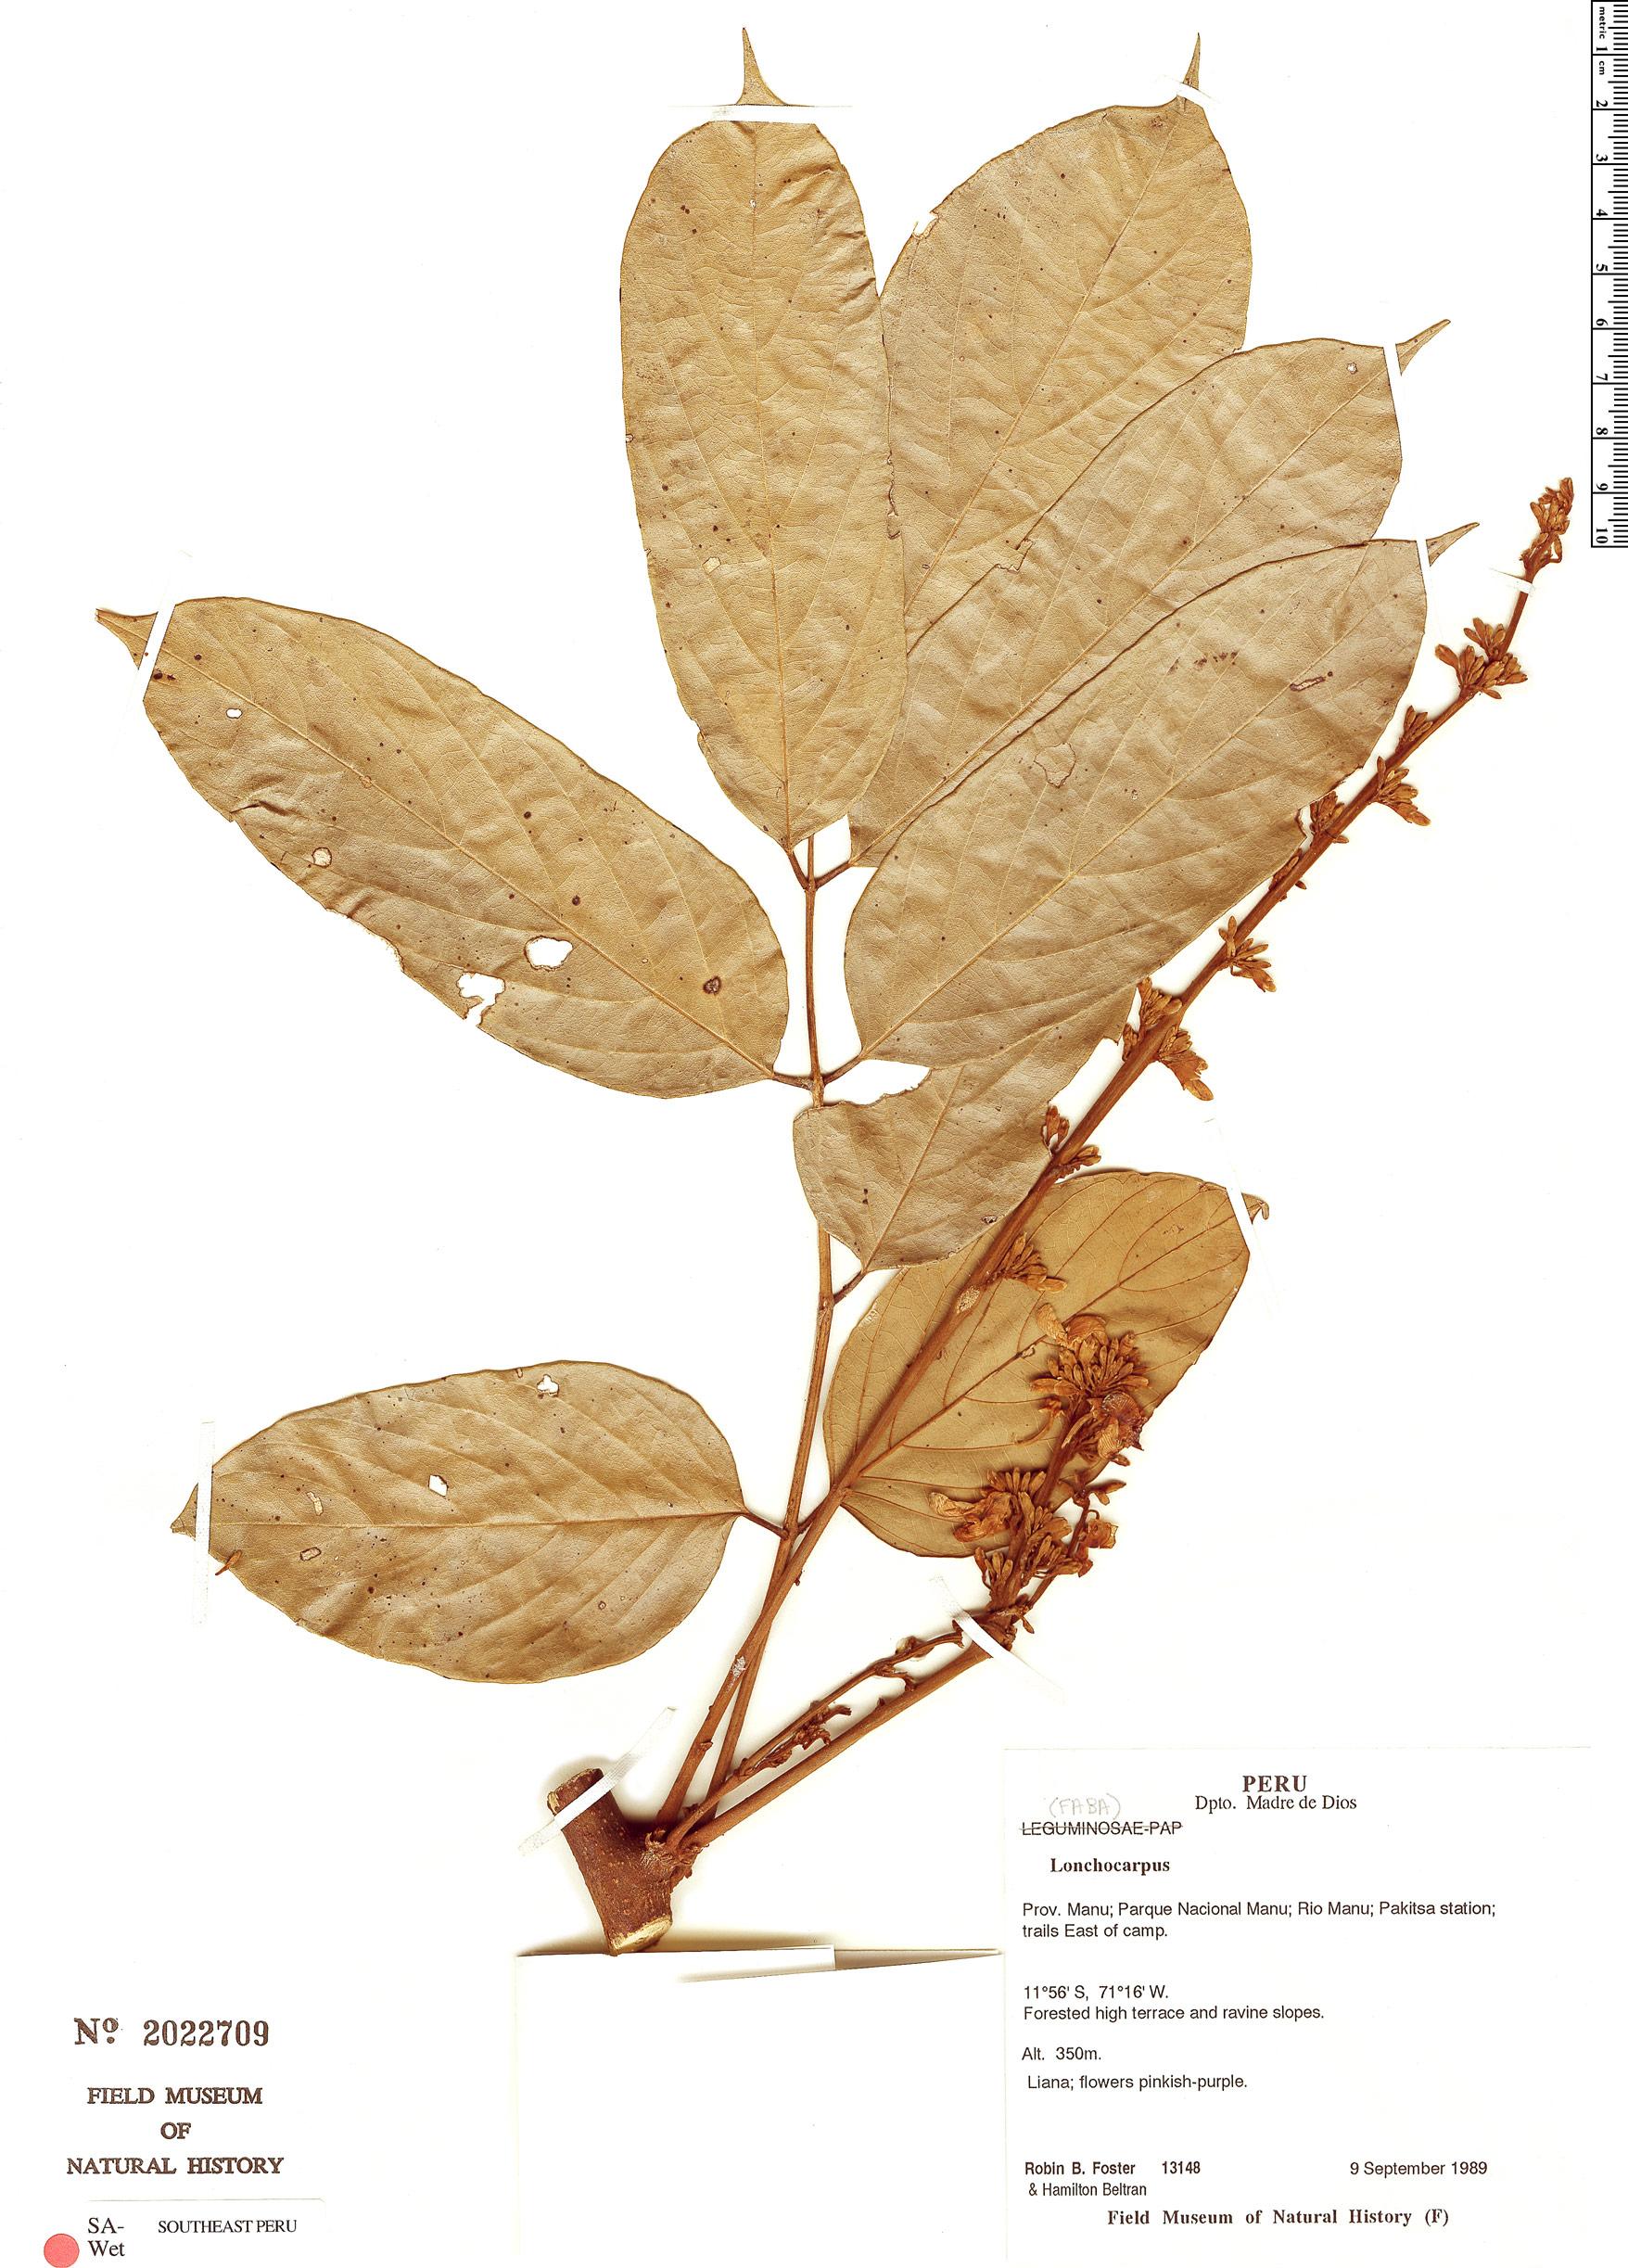 Specimen: Lonchocarpus